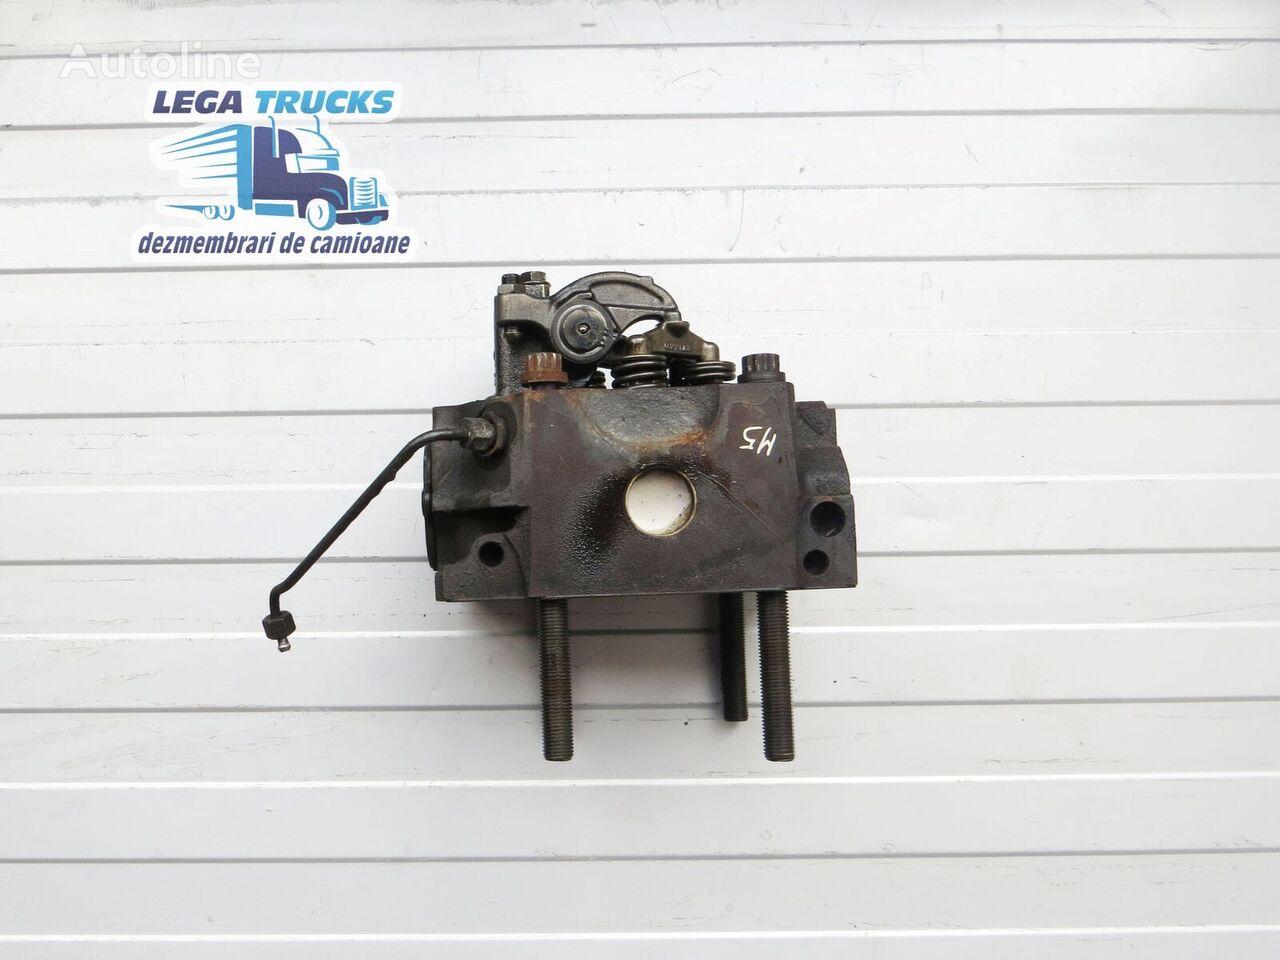 MERCEDES-BENZ MED181 (COD: A5410104621) culata para MERCEDES-BENZ Actros MP3 tractora